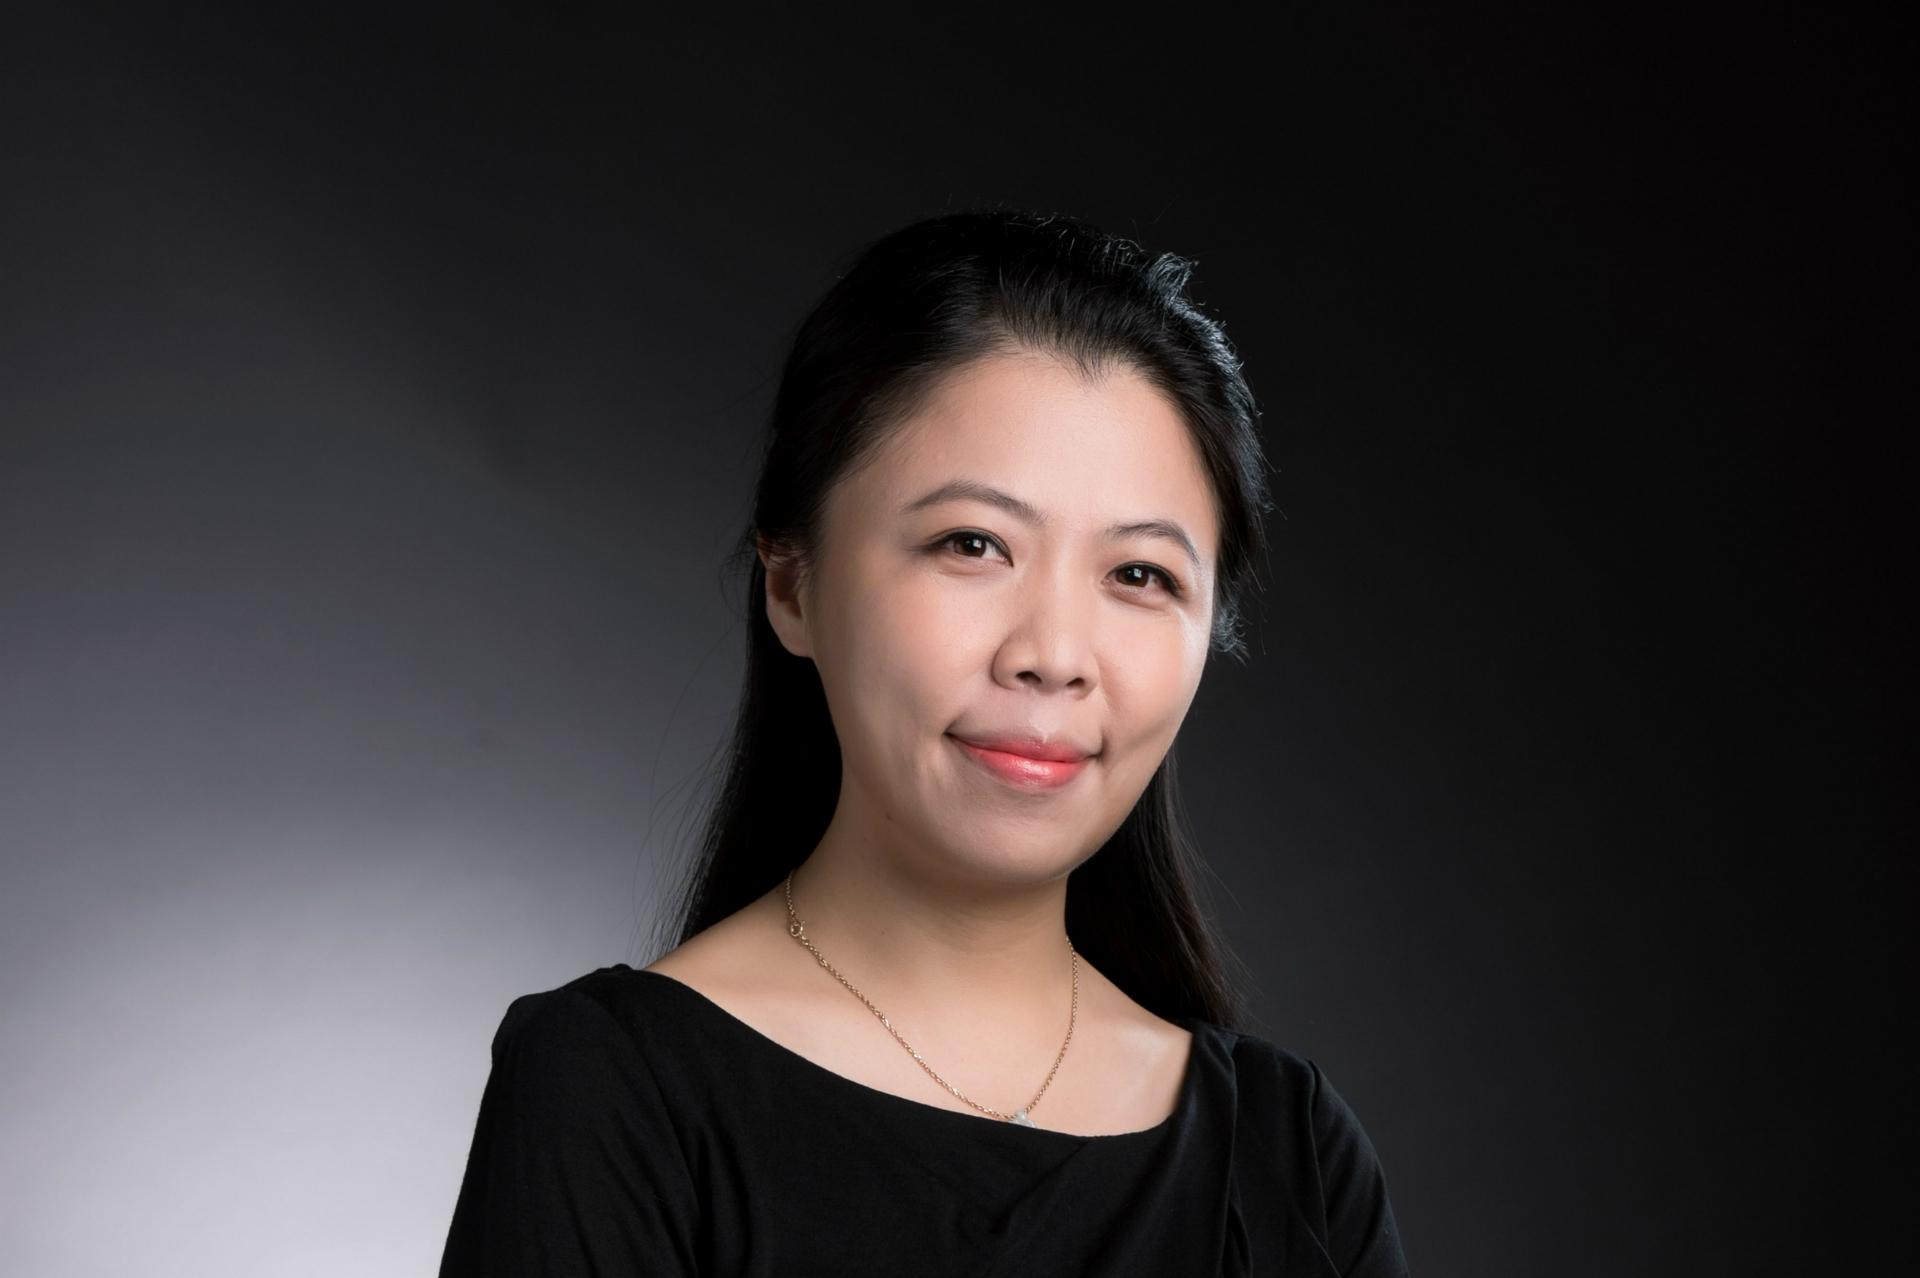 她是免疫學研究學者,更是人工智慧科技公司 Appier 的關鍵推手 - 專訪 Appier 營運長兼共同創辦人 Winnie 李婉菱